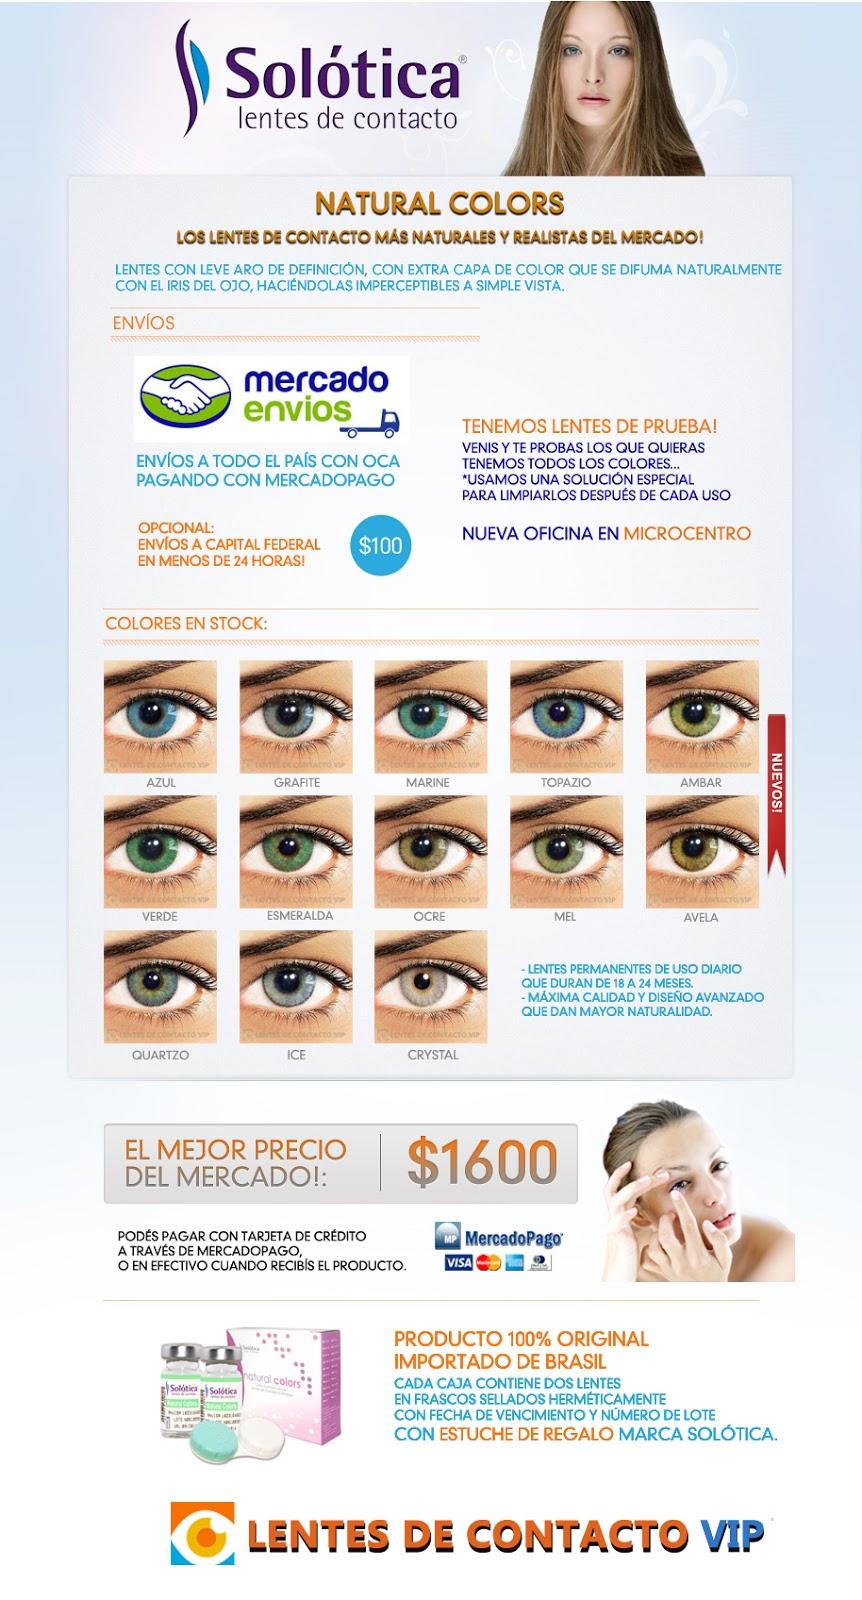 Lentesdecontactovip - Lentes de contacto VIP Solotica Natural Colors Hidrocor Argentina